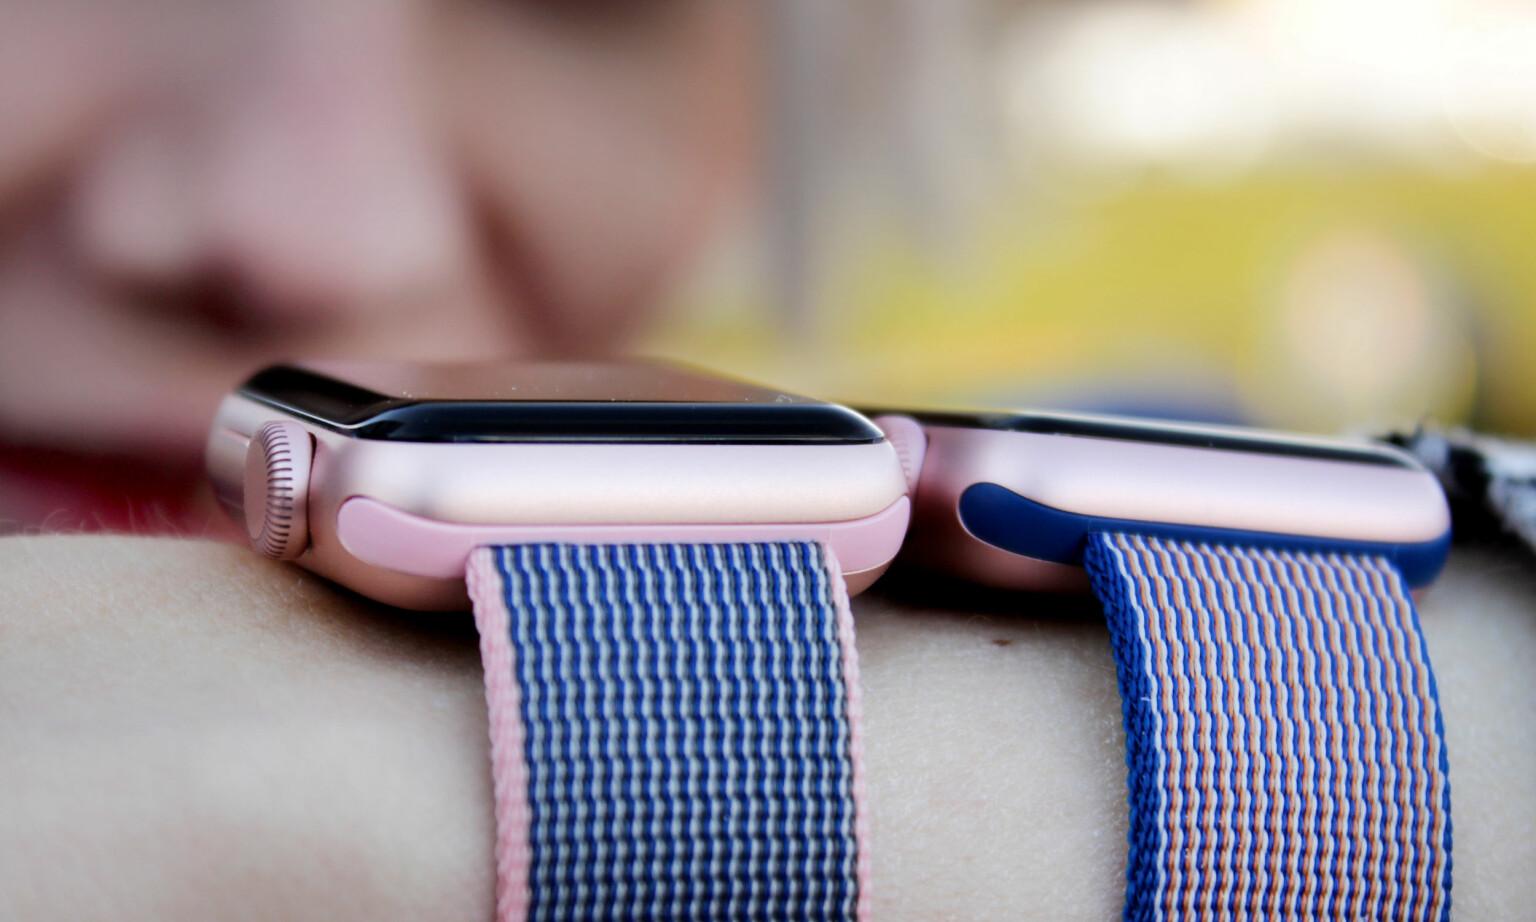 LITT TYKKERE: Nye Apple Watch Series 2 (til venstre) er 0,9 millimeter tykkere enn forgjengeren, men det merkes knapt. Foto: Ole Petter Baugerød Stokke